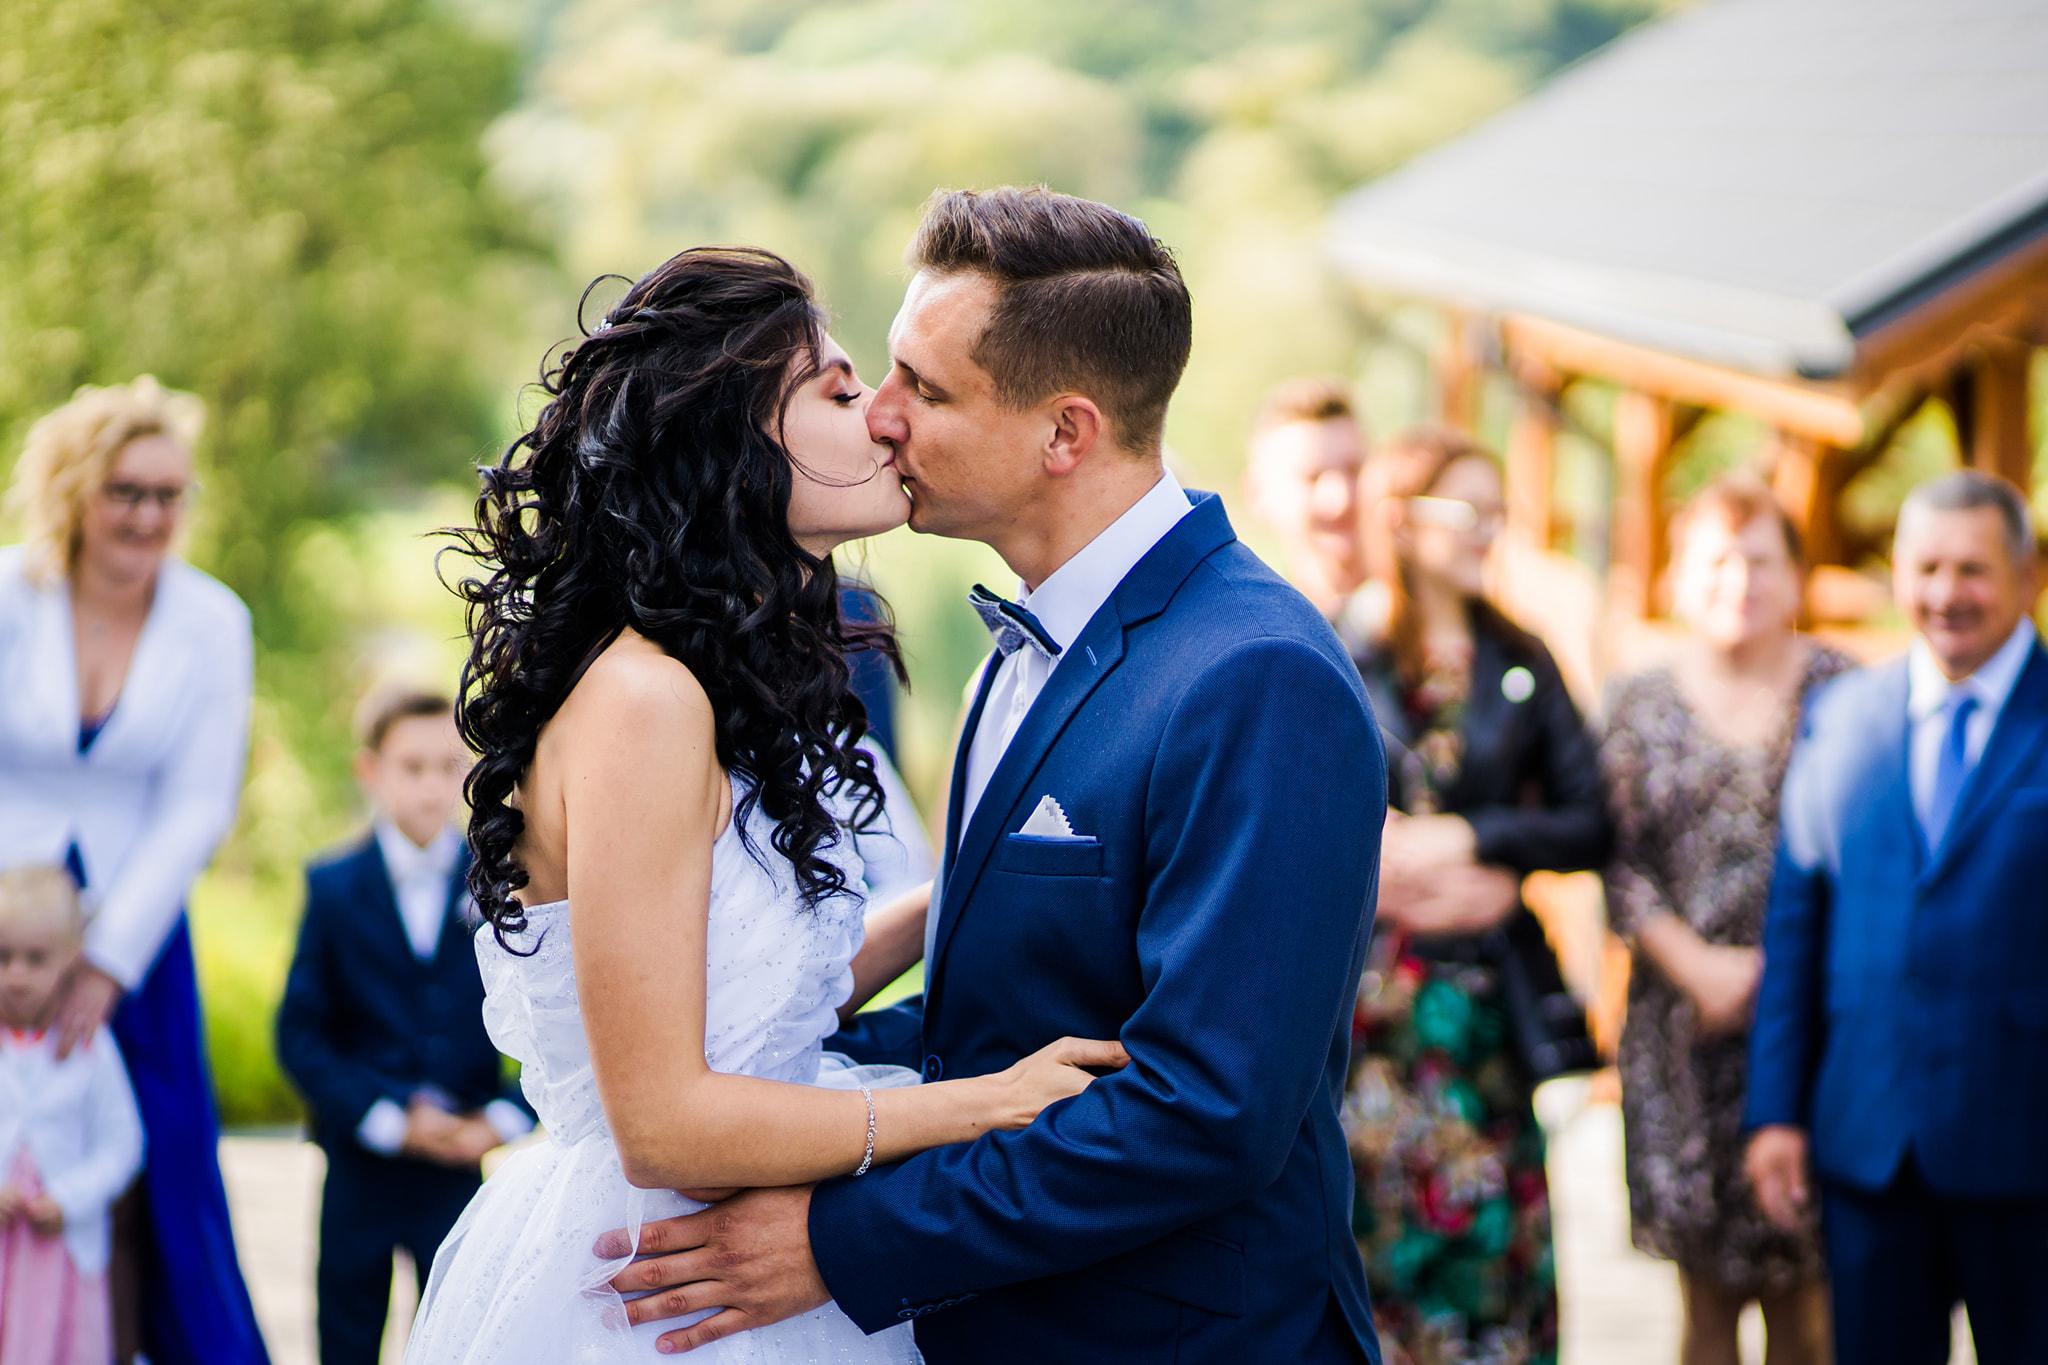 Ślub w pandemii! Gwiazdor disco polo i jego żona pokazali jak wyglądał ich najważniejszy dzień!